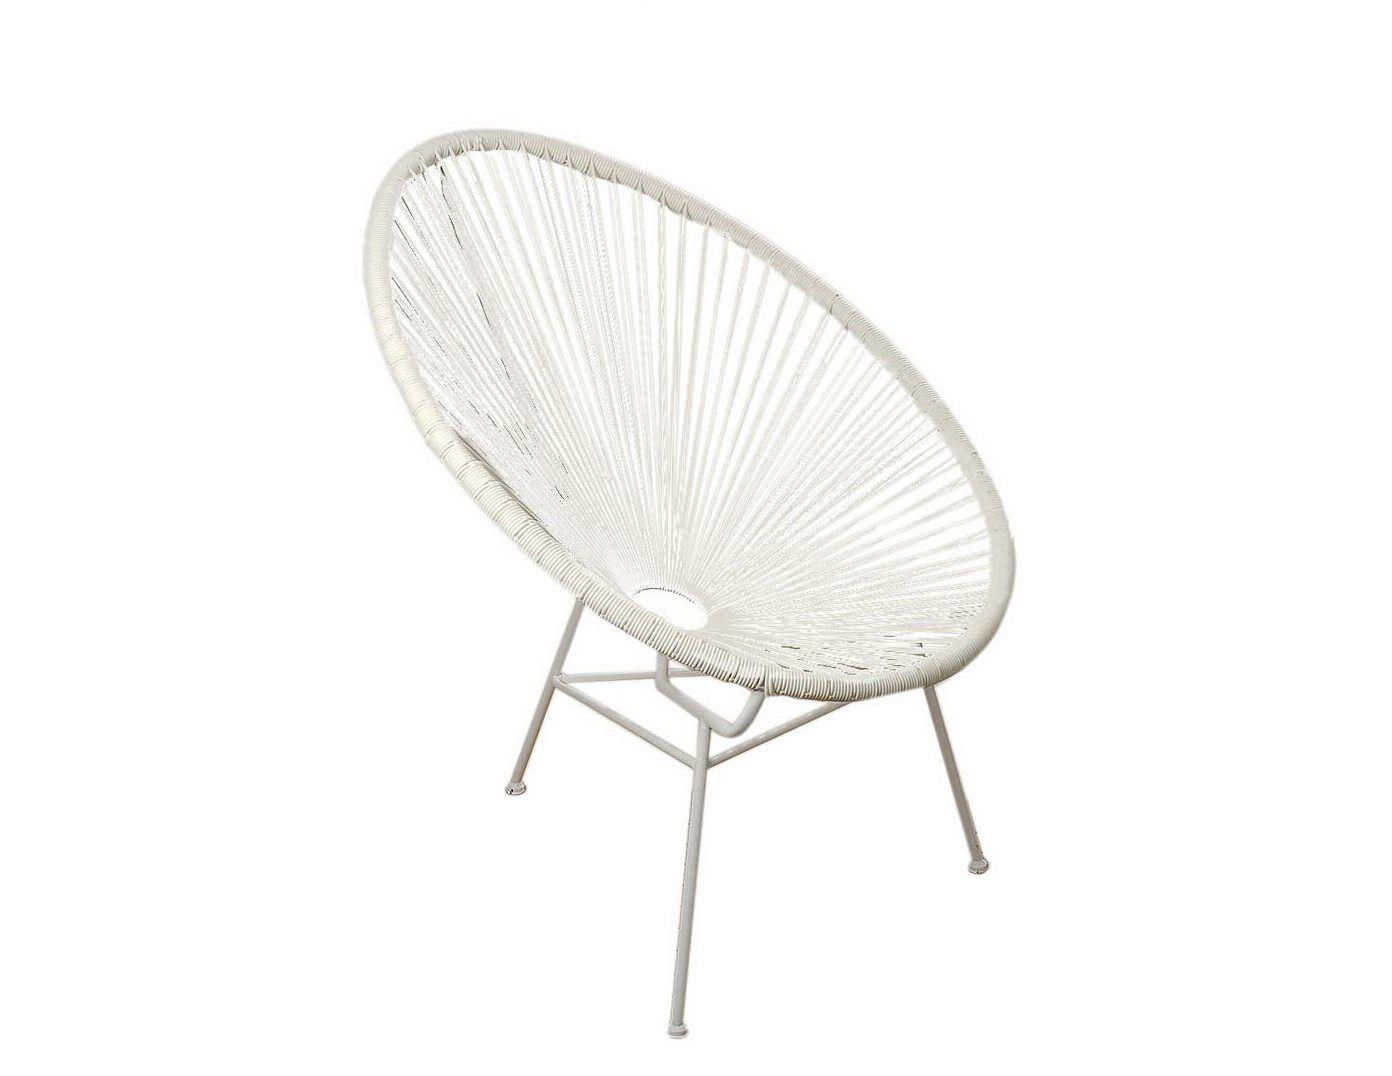 Кресло EddyКресла для улицы<br>Кресло &amp;quot;Eddy&amp;quot; отвечает всем ультрамодным тенденциям 2016 года. Элегантность и функциональность ? это идеальное сочетание объединилось при создании данного  кресла. Кресло можно использовать как в помещении, так и в саду.<br><br>Material: Металл<br>Width см: 72<br>Depth см: 83<br>Height см: 89